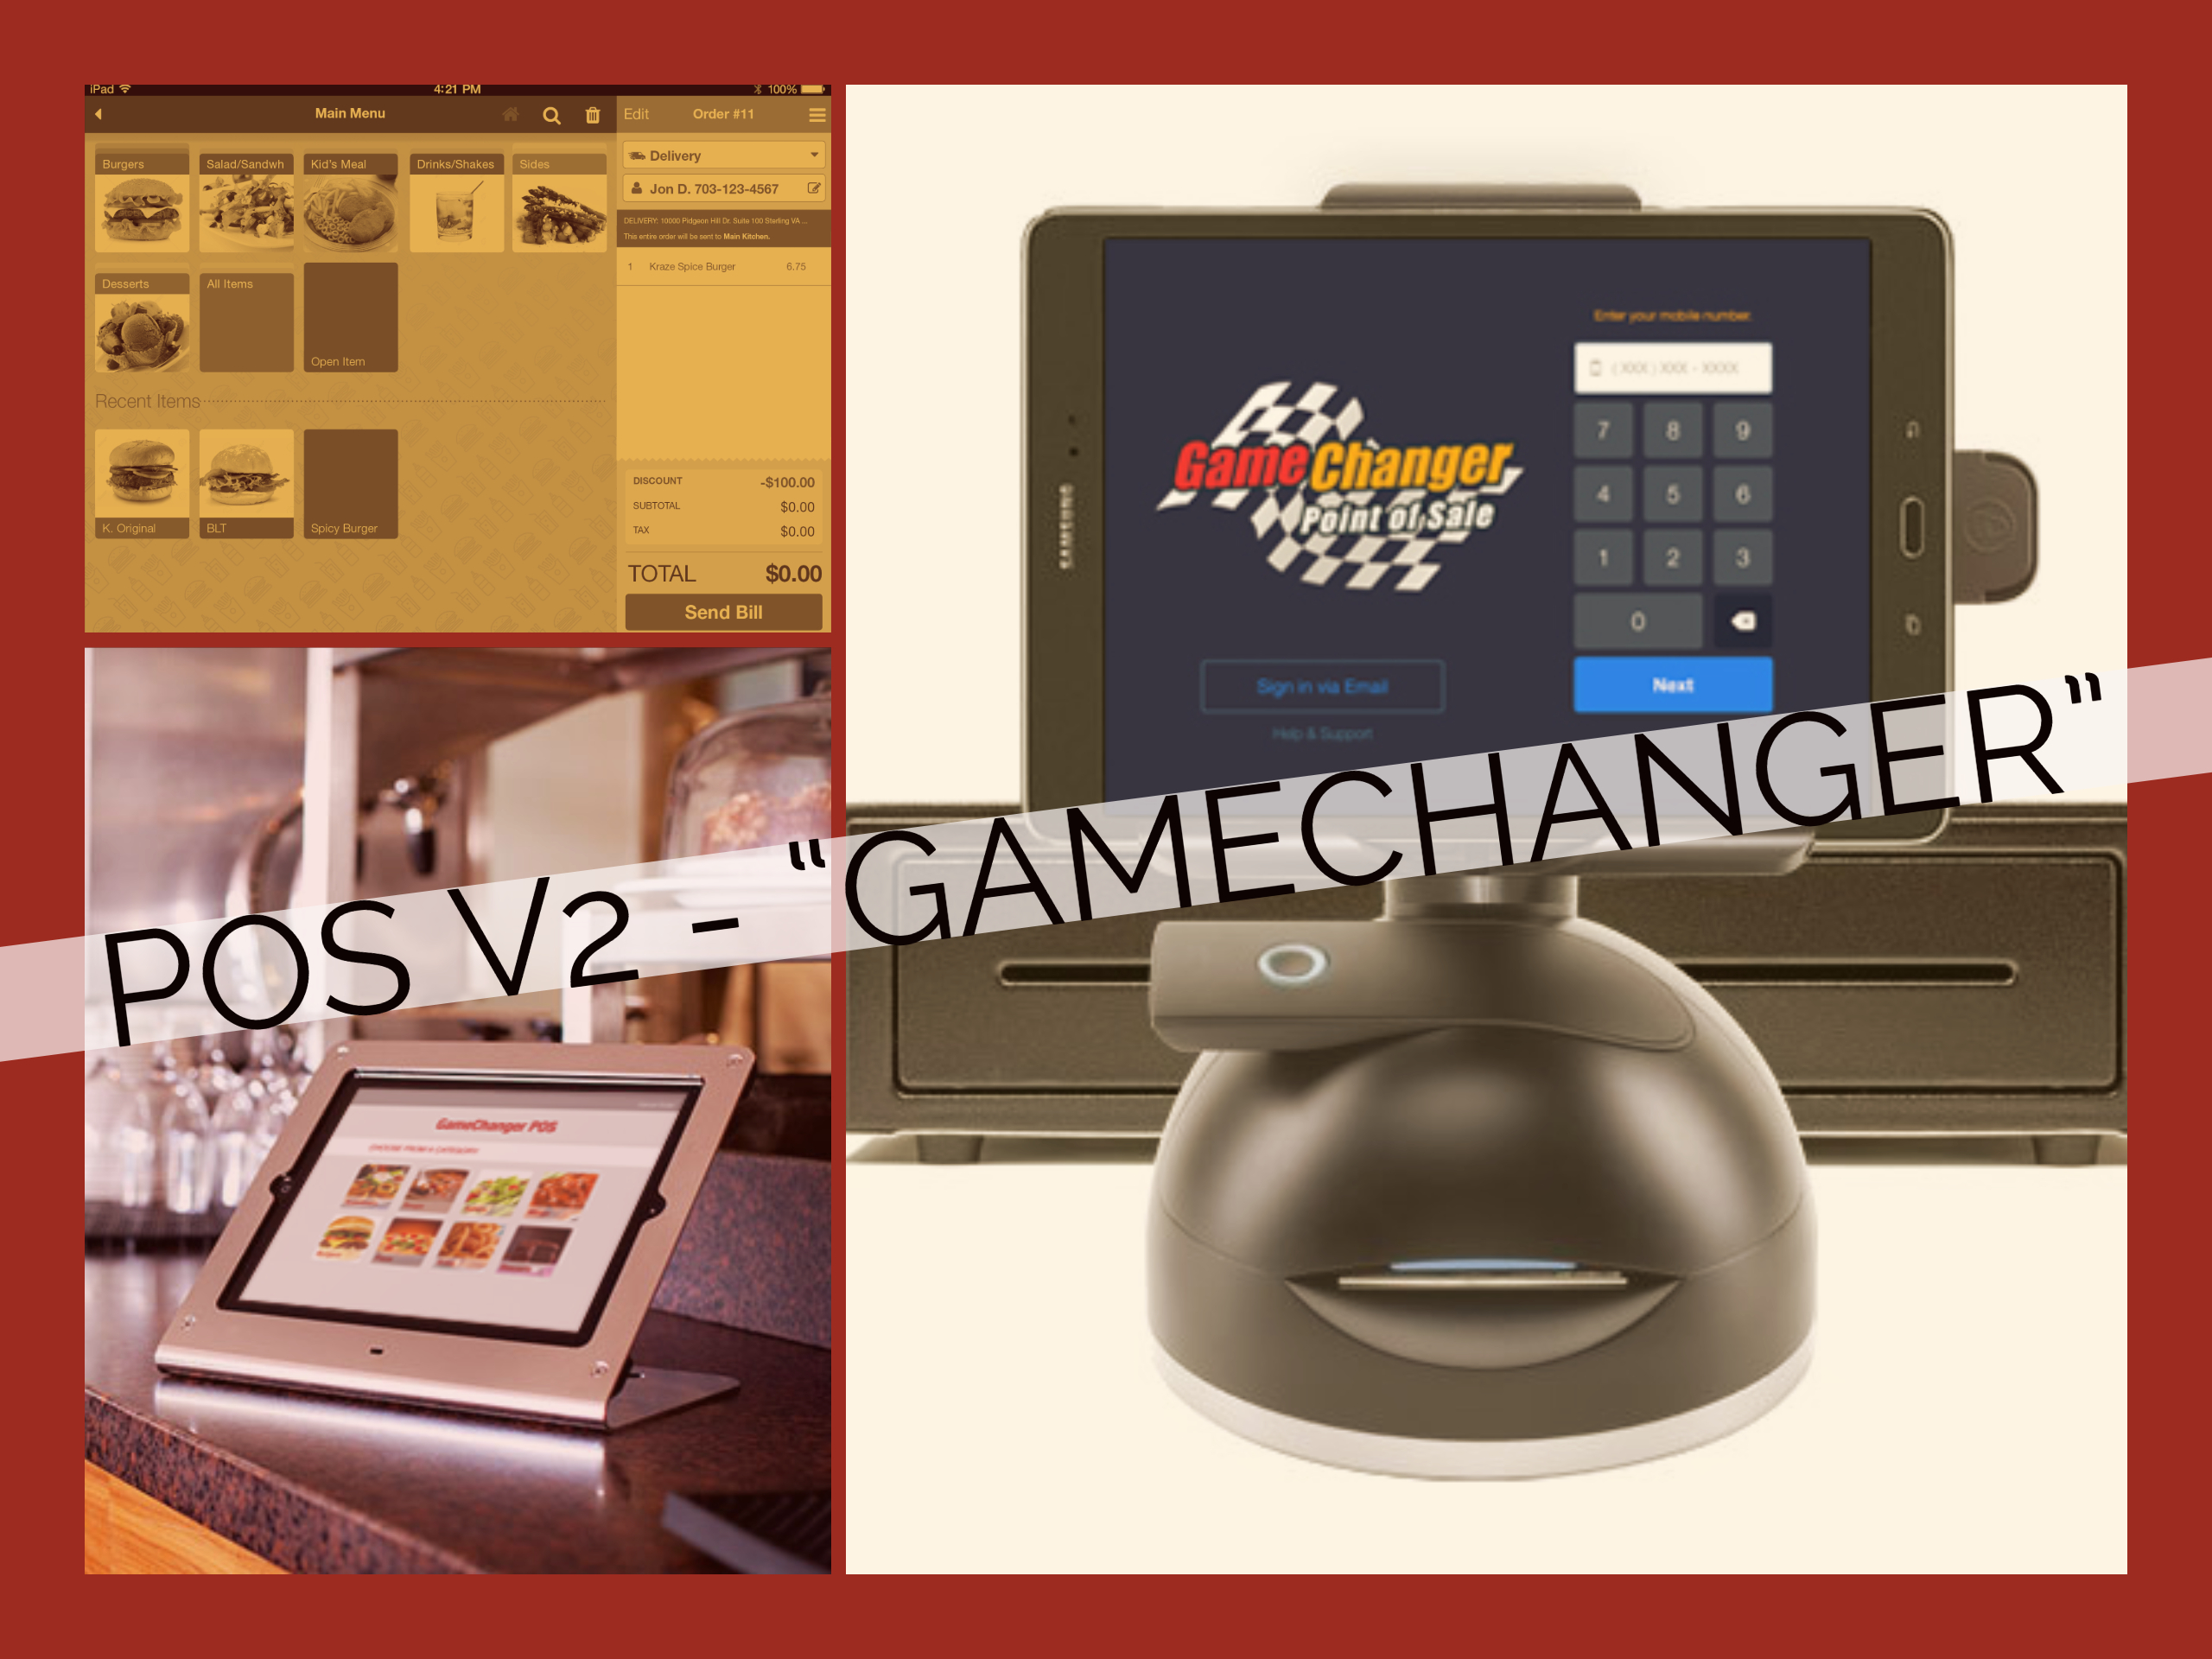 Project GameChanger POS (v2)